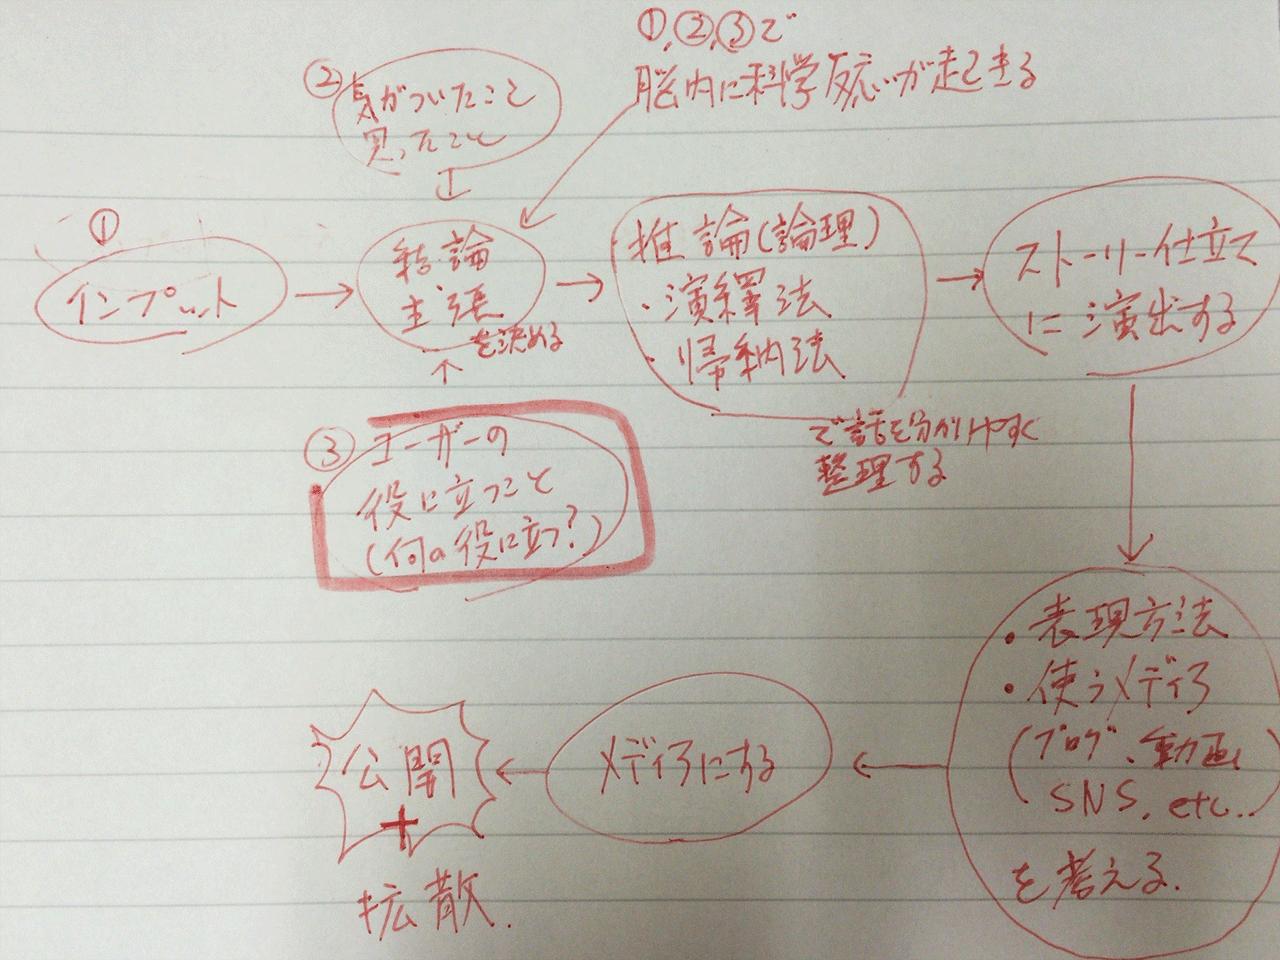 夏本健司 コンテンツの創り方